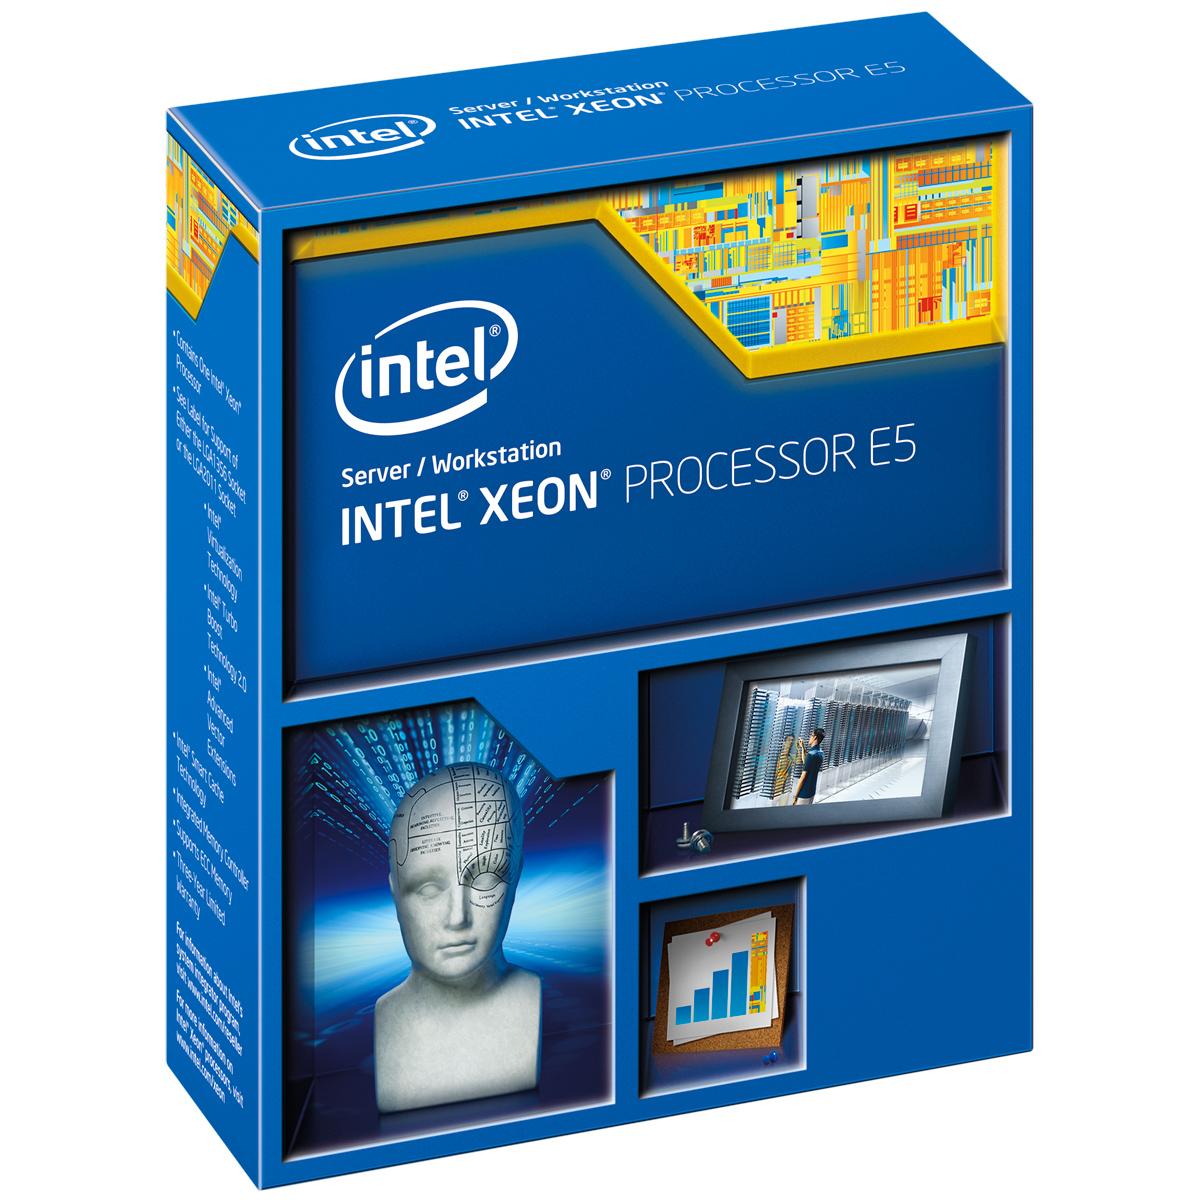 Processeur Intel Xeon E5-2640 v2 (2.0 GHz) Processeur 8-Core Socket 2011 QPI 7.2GT/s Cache 20 Mo 0.022 micron (version boîte/sans ventilateur - garantie Intel 3 ans)